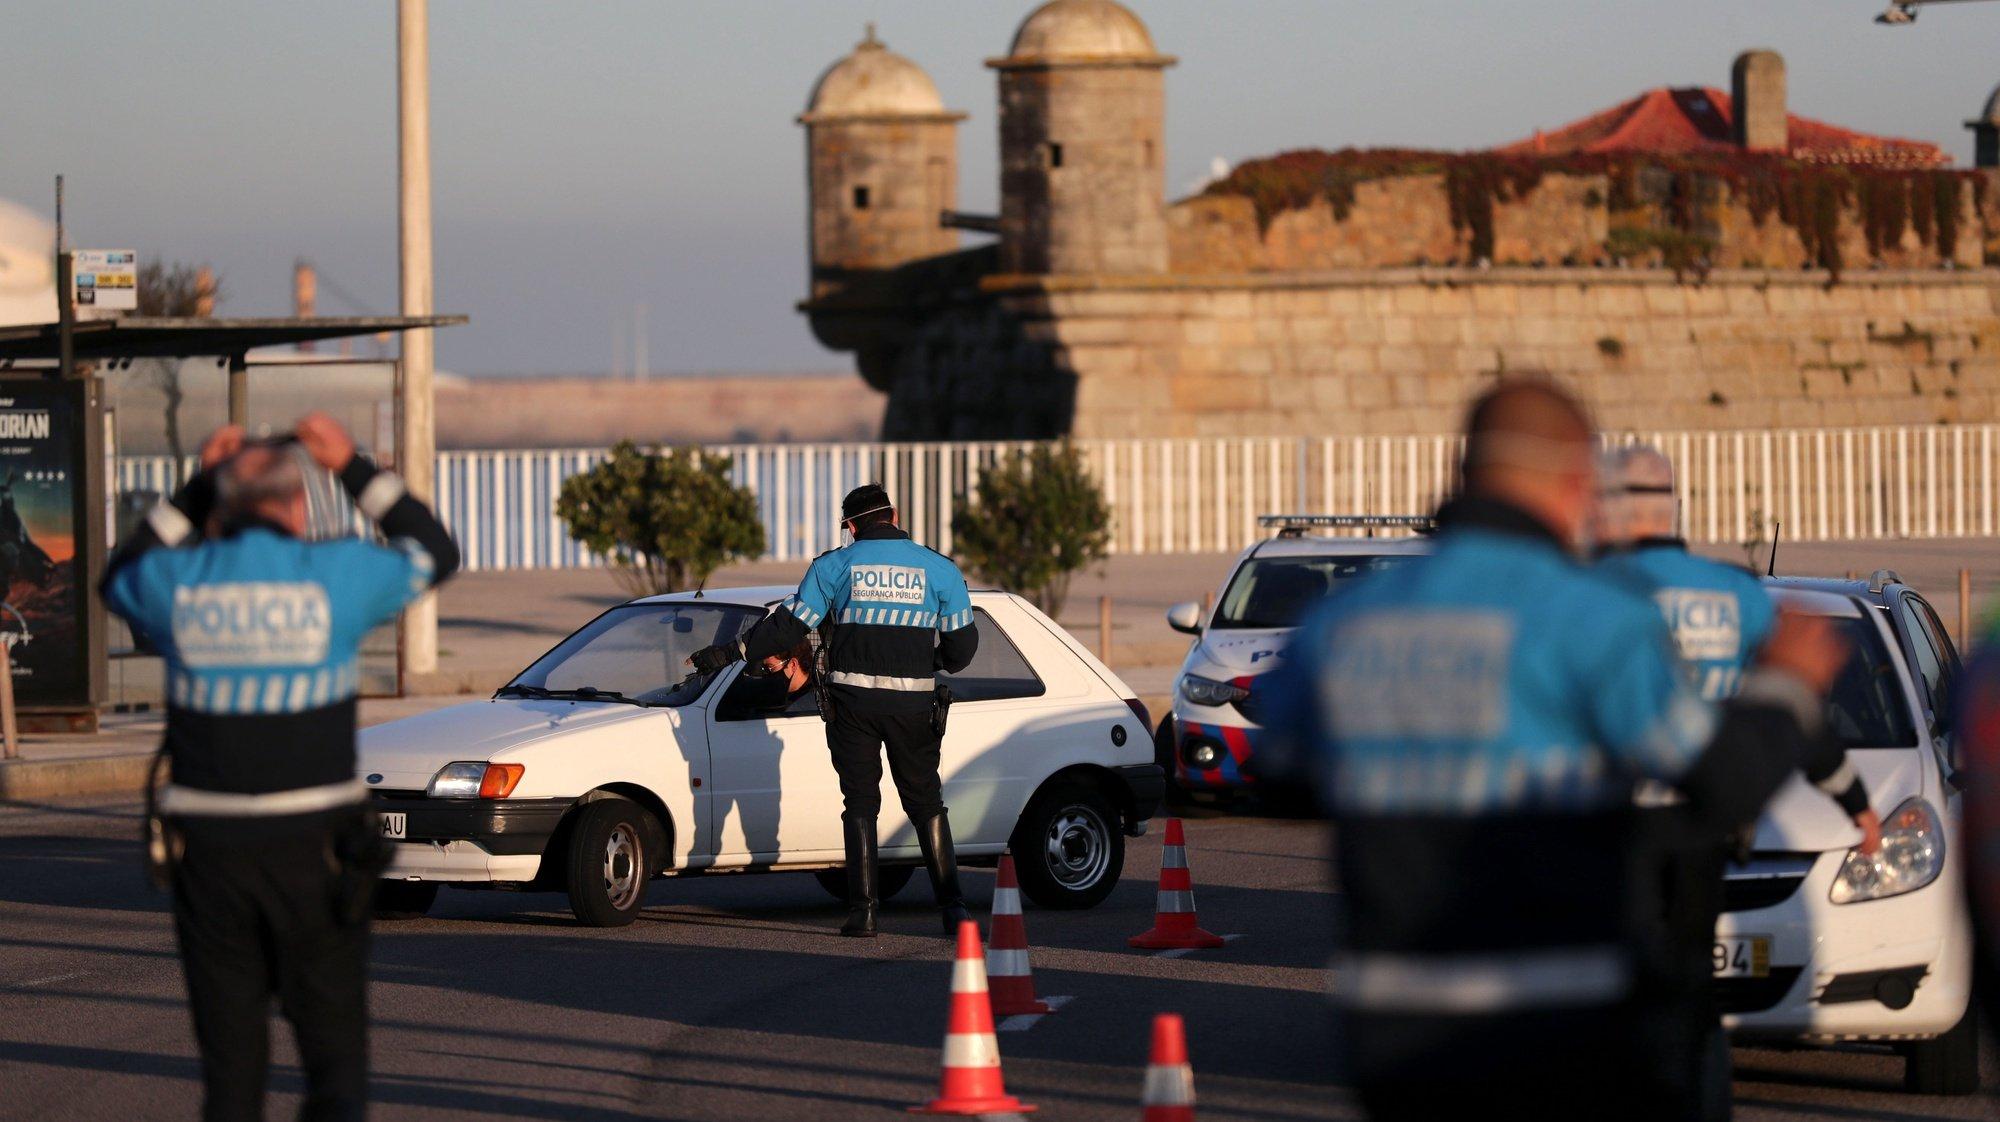 Agentes da PSP fazem uma operação Stop na rotunda do Castelo do Queijo que liga Matosinhos ao Porto, 30 outubro 2020. A circulação entre concelhos do continente está proibida entre os dias 30 de outubro e 03 de novembro devido à pandemia Covid-19 ESTELA SILVA/LUSA